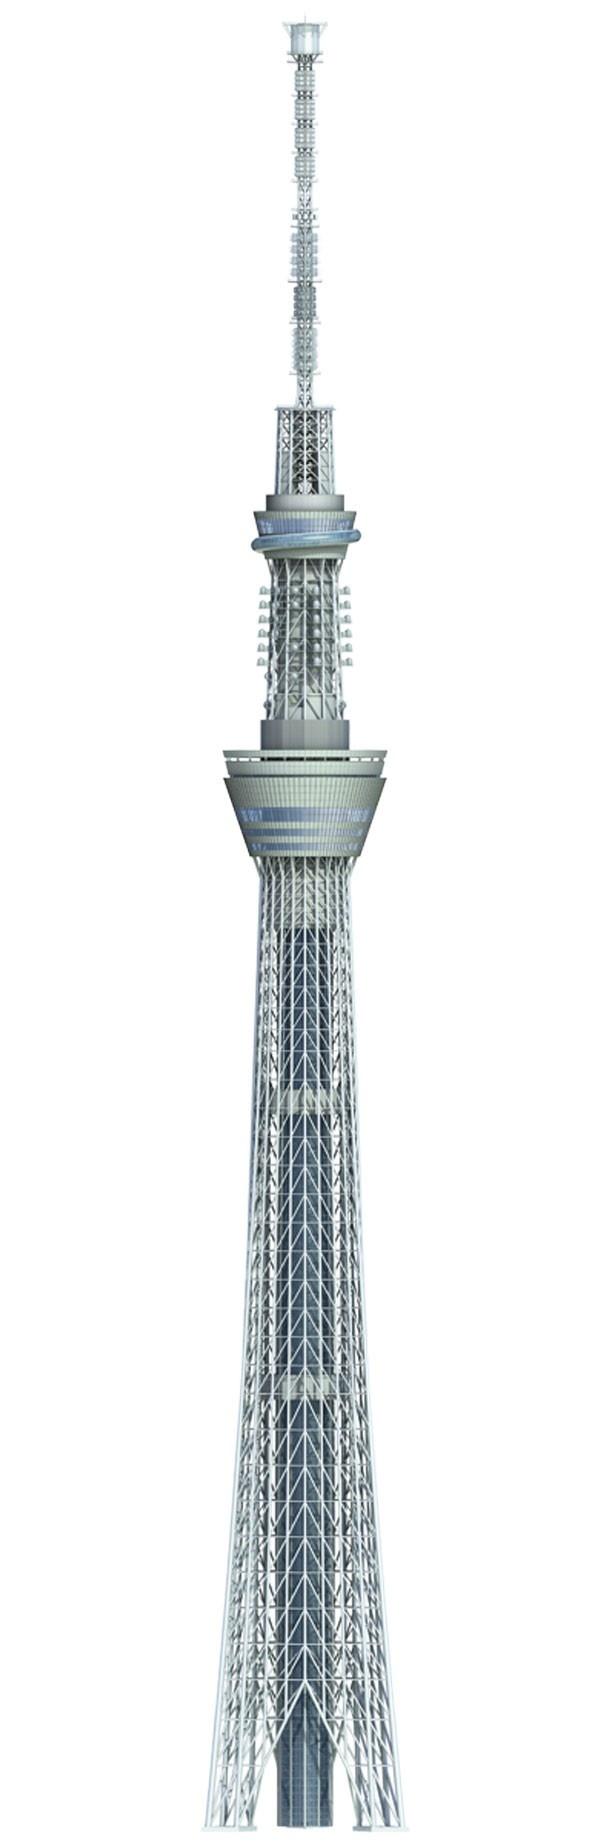 634mのタワーは自立式電波塔として世界一の高さを誇る